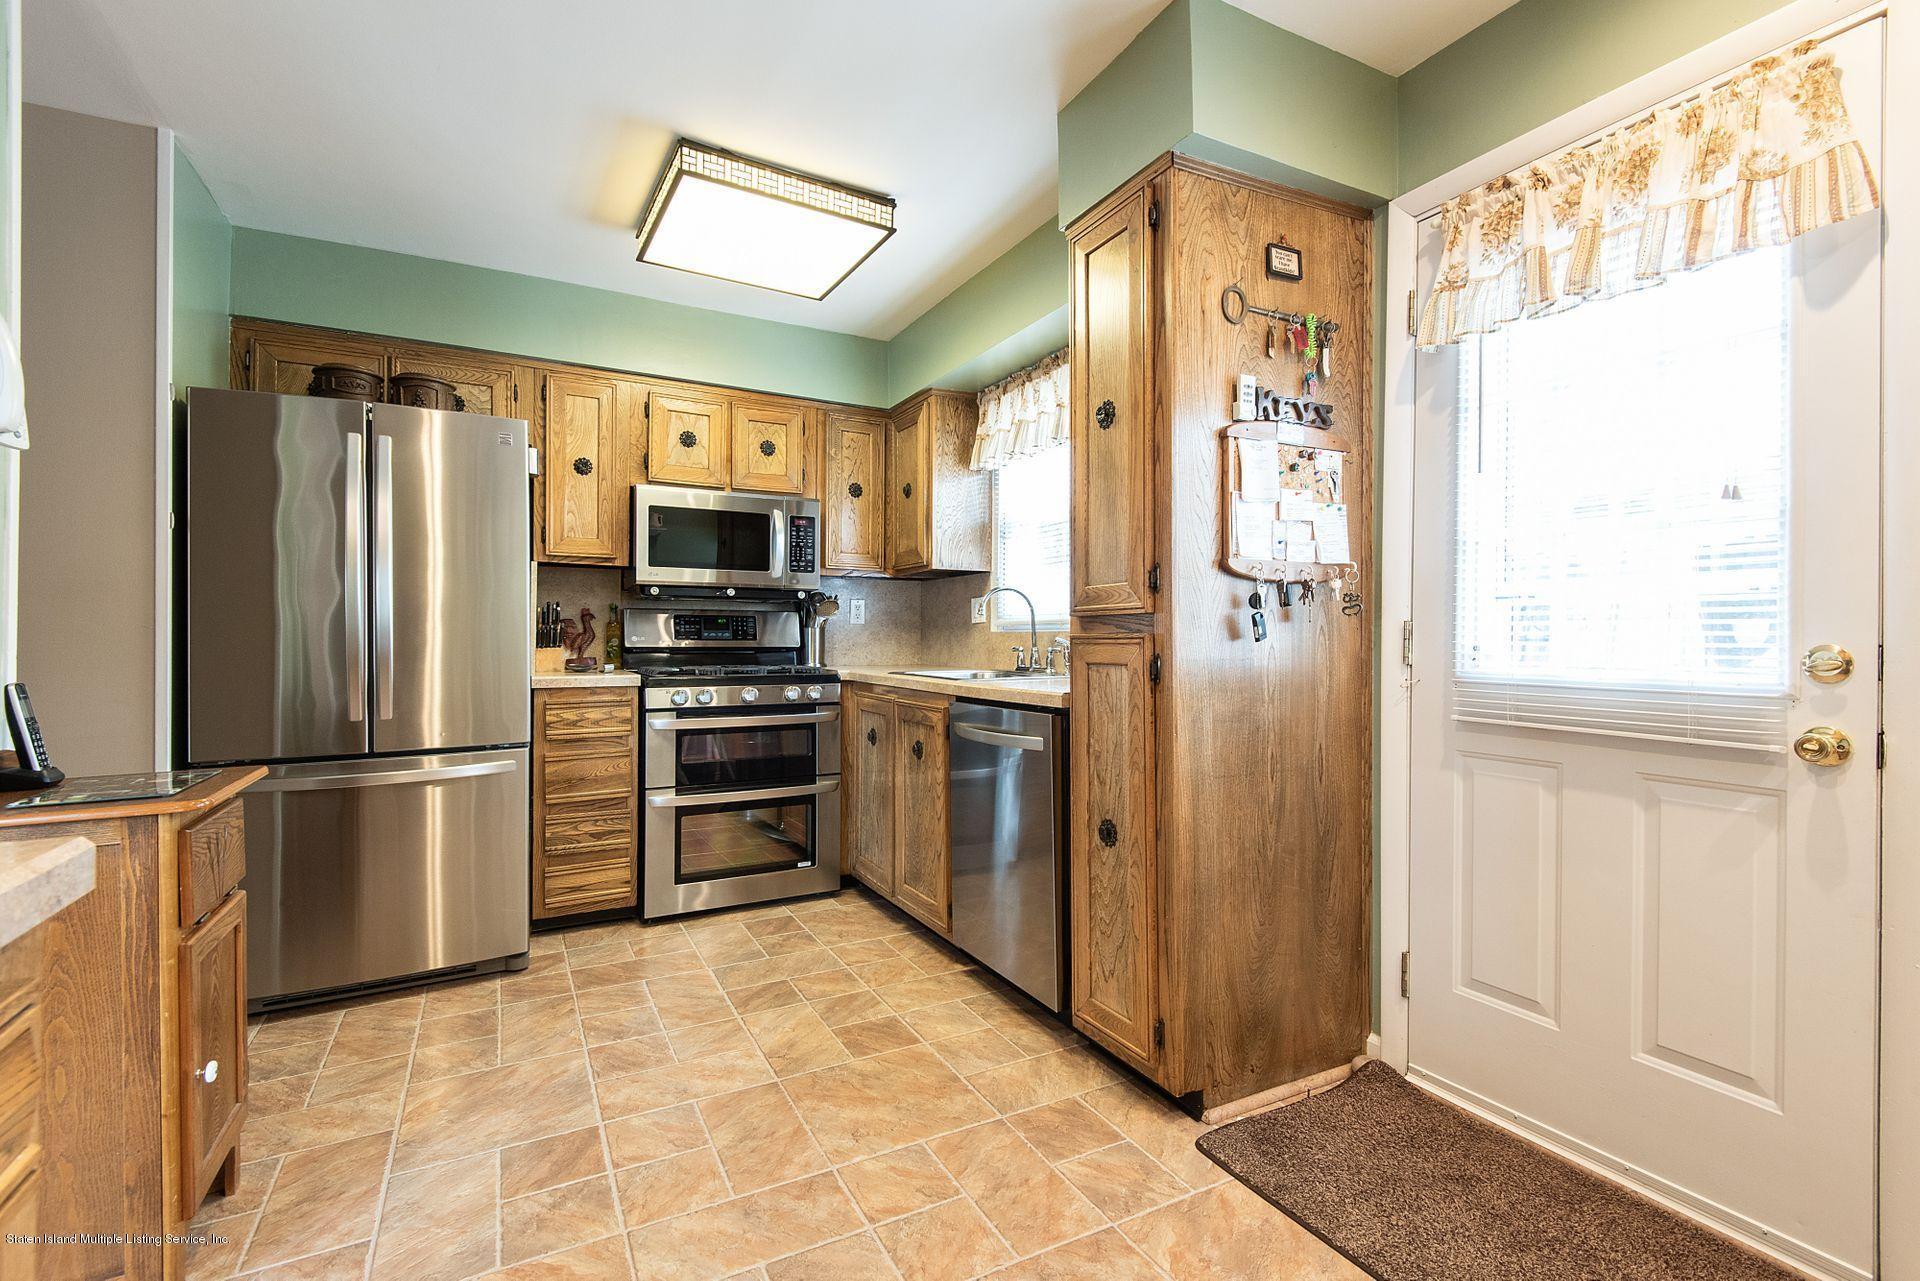 Single Family - Semi-Attached 69 Moffett Street  Staten Island, NY 10312, MLS-1131934-4